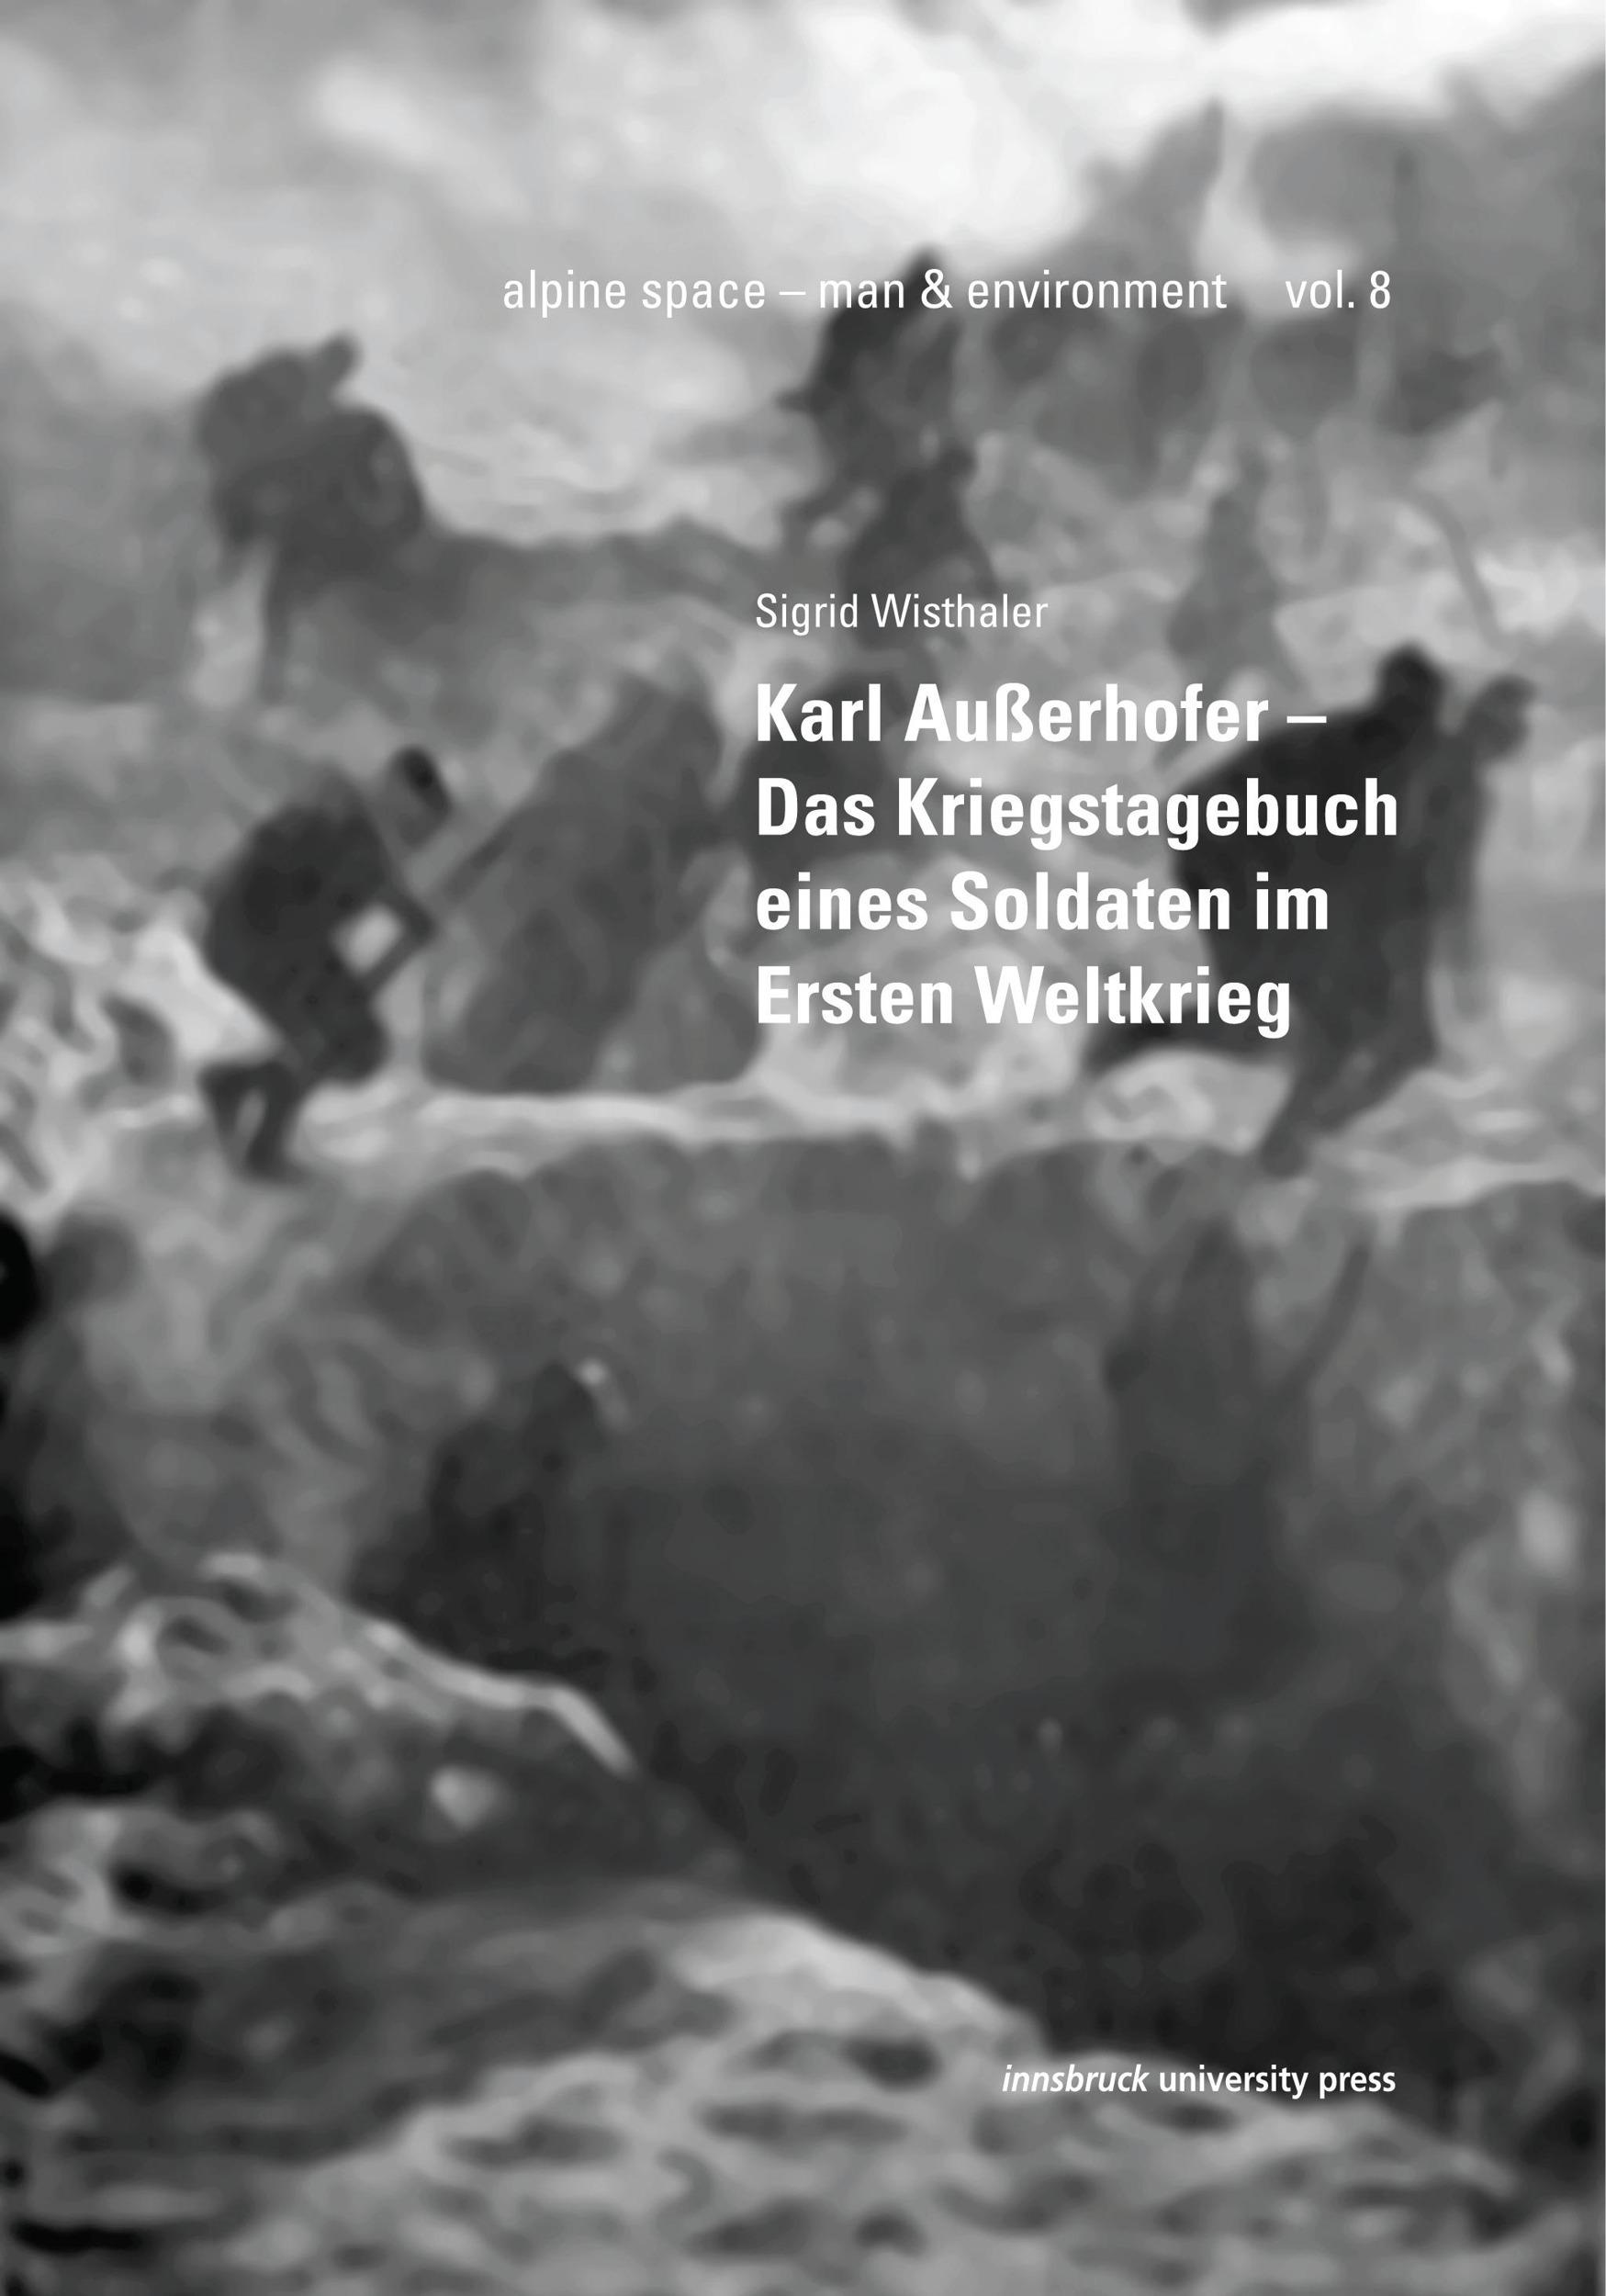 Karl Außerhofer - Das Kriegstagebuch eines Soldaten im Ersten Weltkrieg